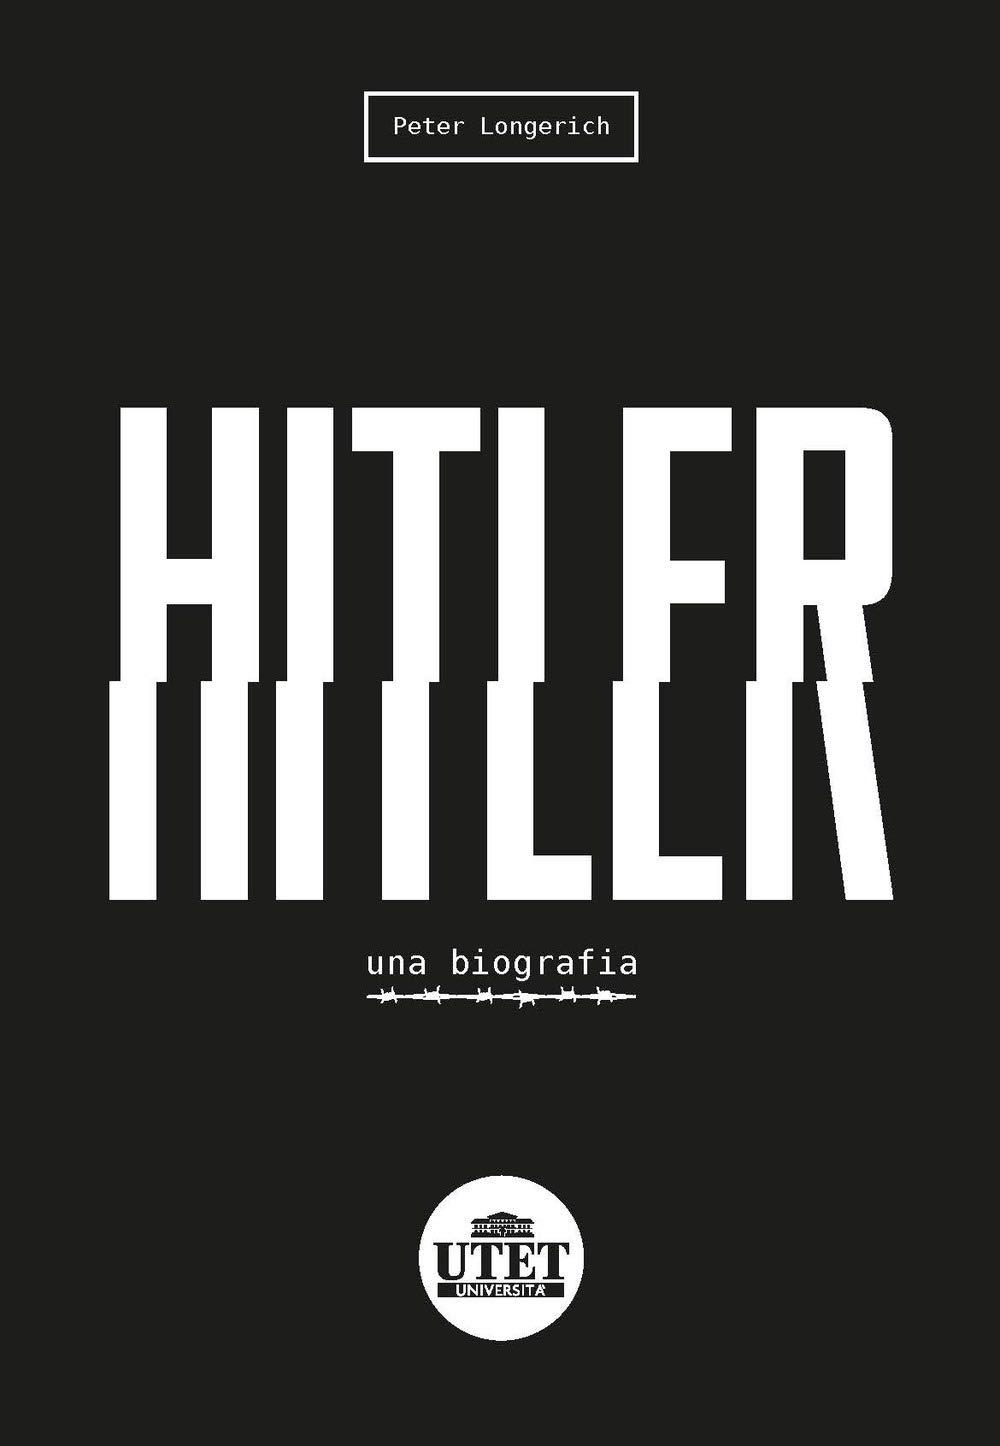 Longerich Hitler